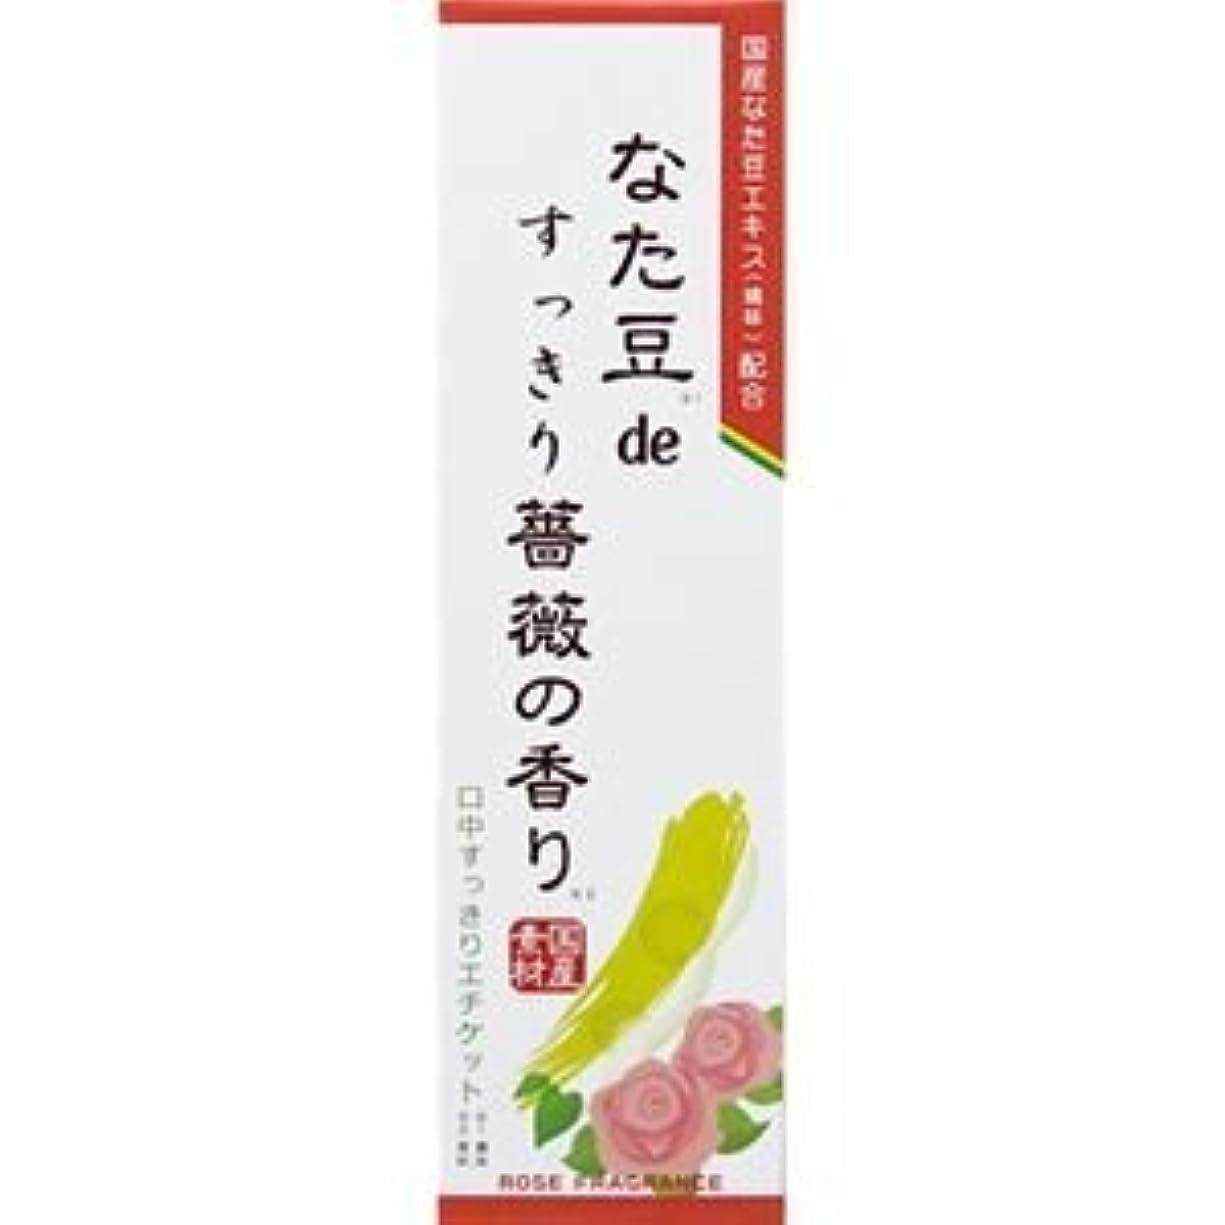 チャネル価値水曜日(まとめ買い)なた豆deすっきり薔薇の香り 120g×3セット